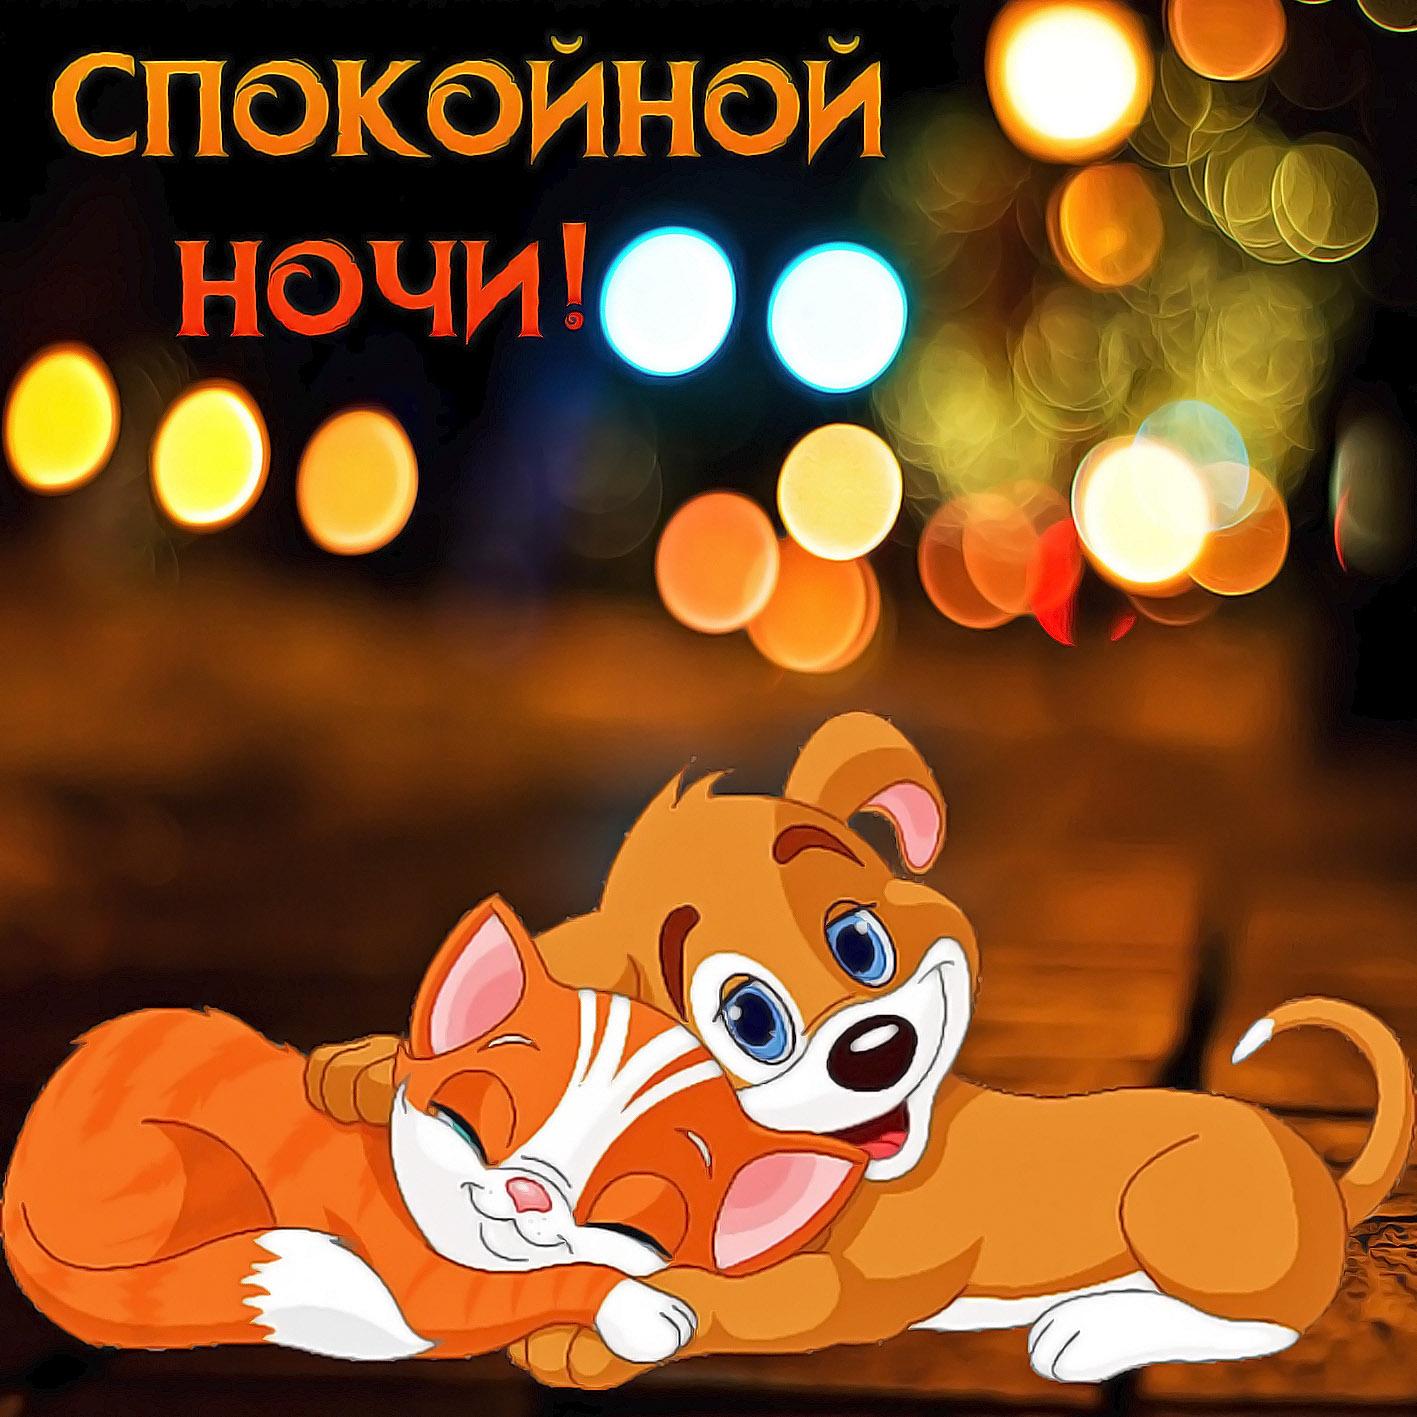 Новым годом, картинки с надписью спокойной ночи другу